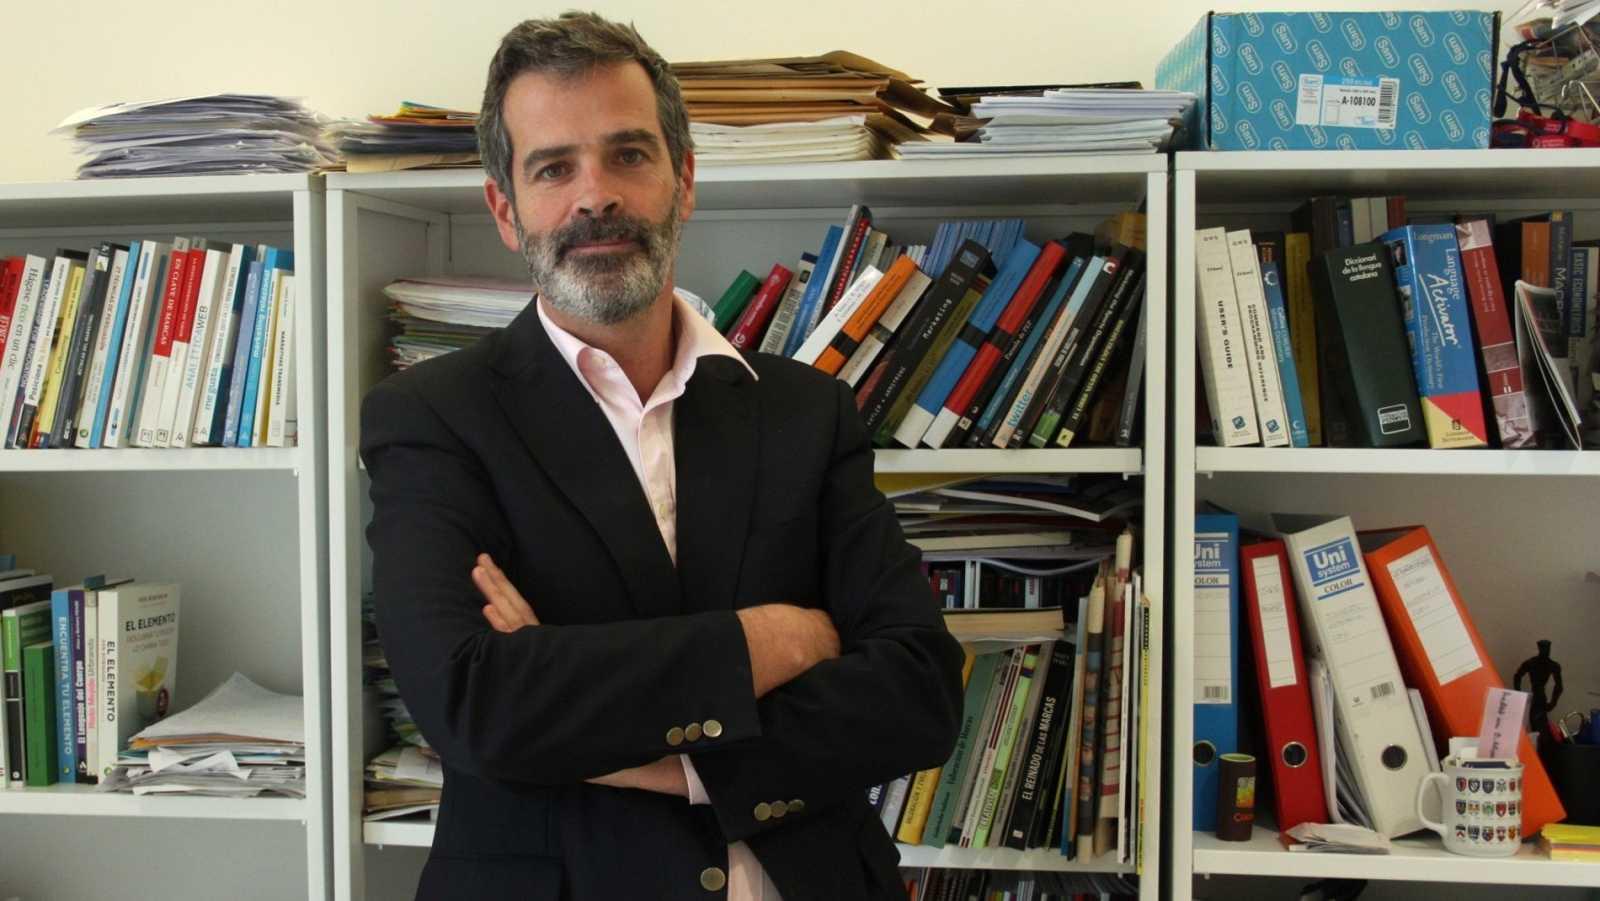 Francesc Pujol, director del Media, Reputation and Intangibles Center (MRI) de la Universidad de Navarra.